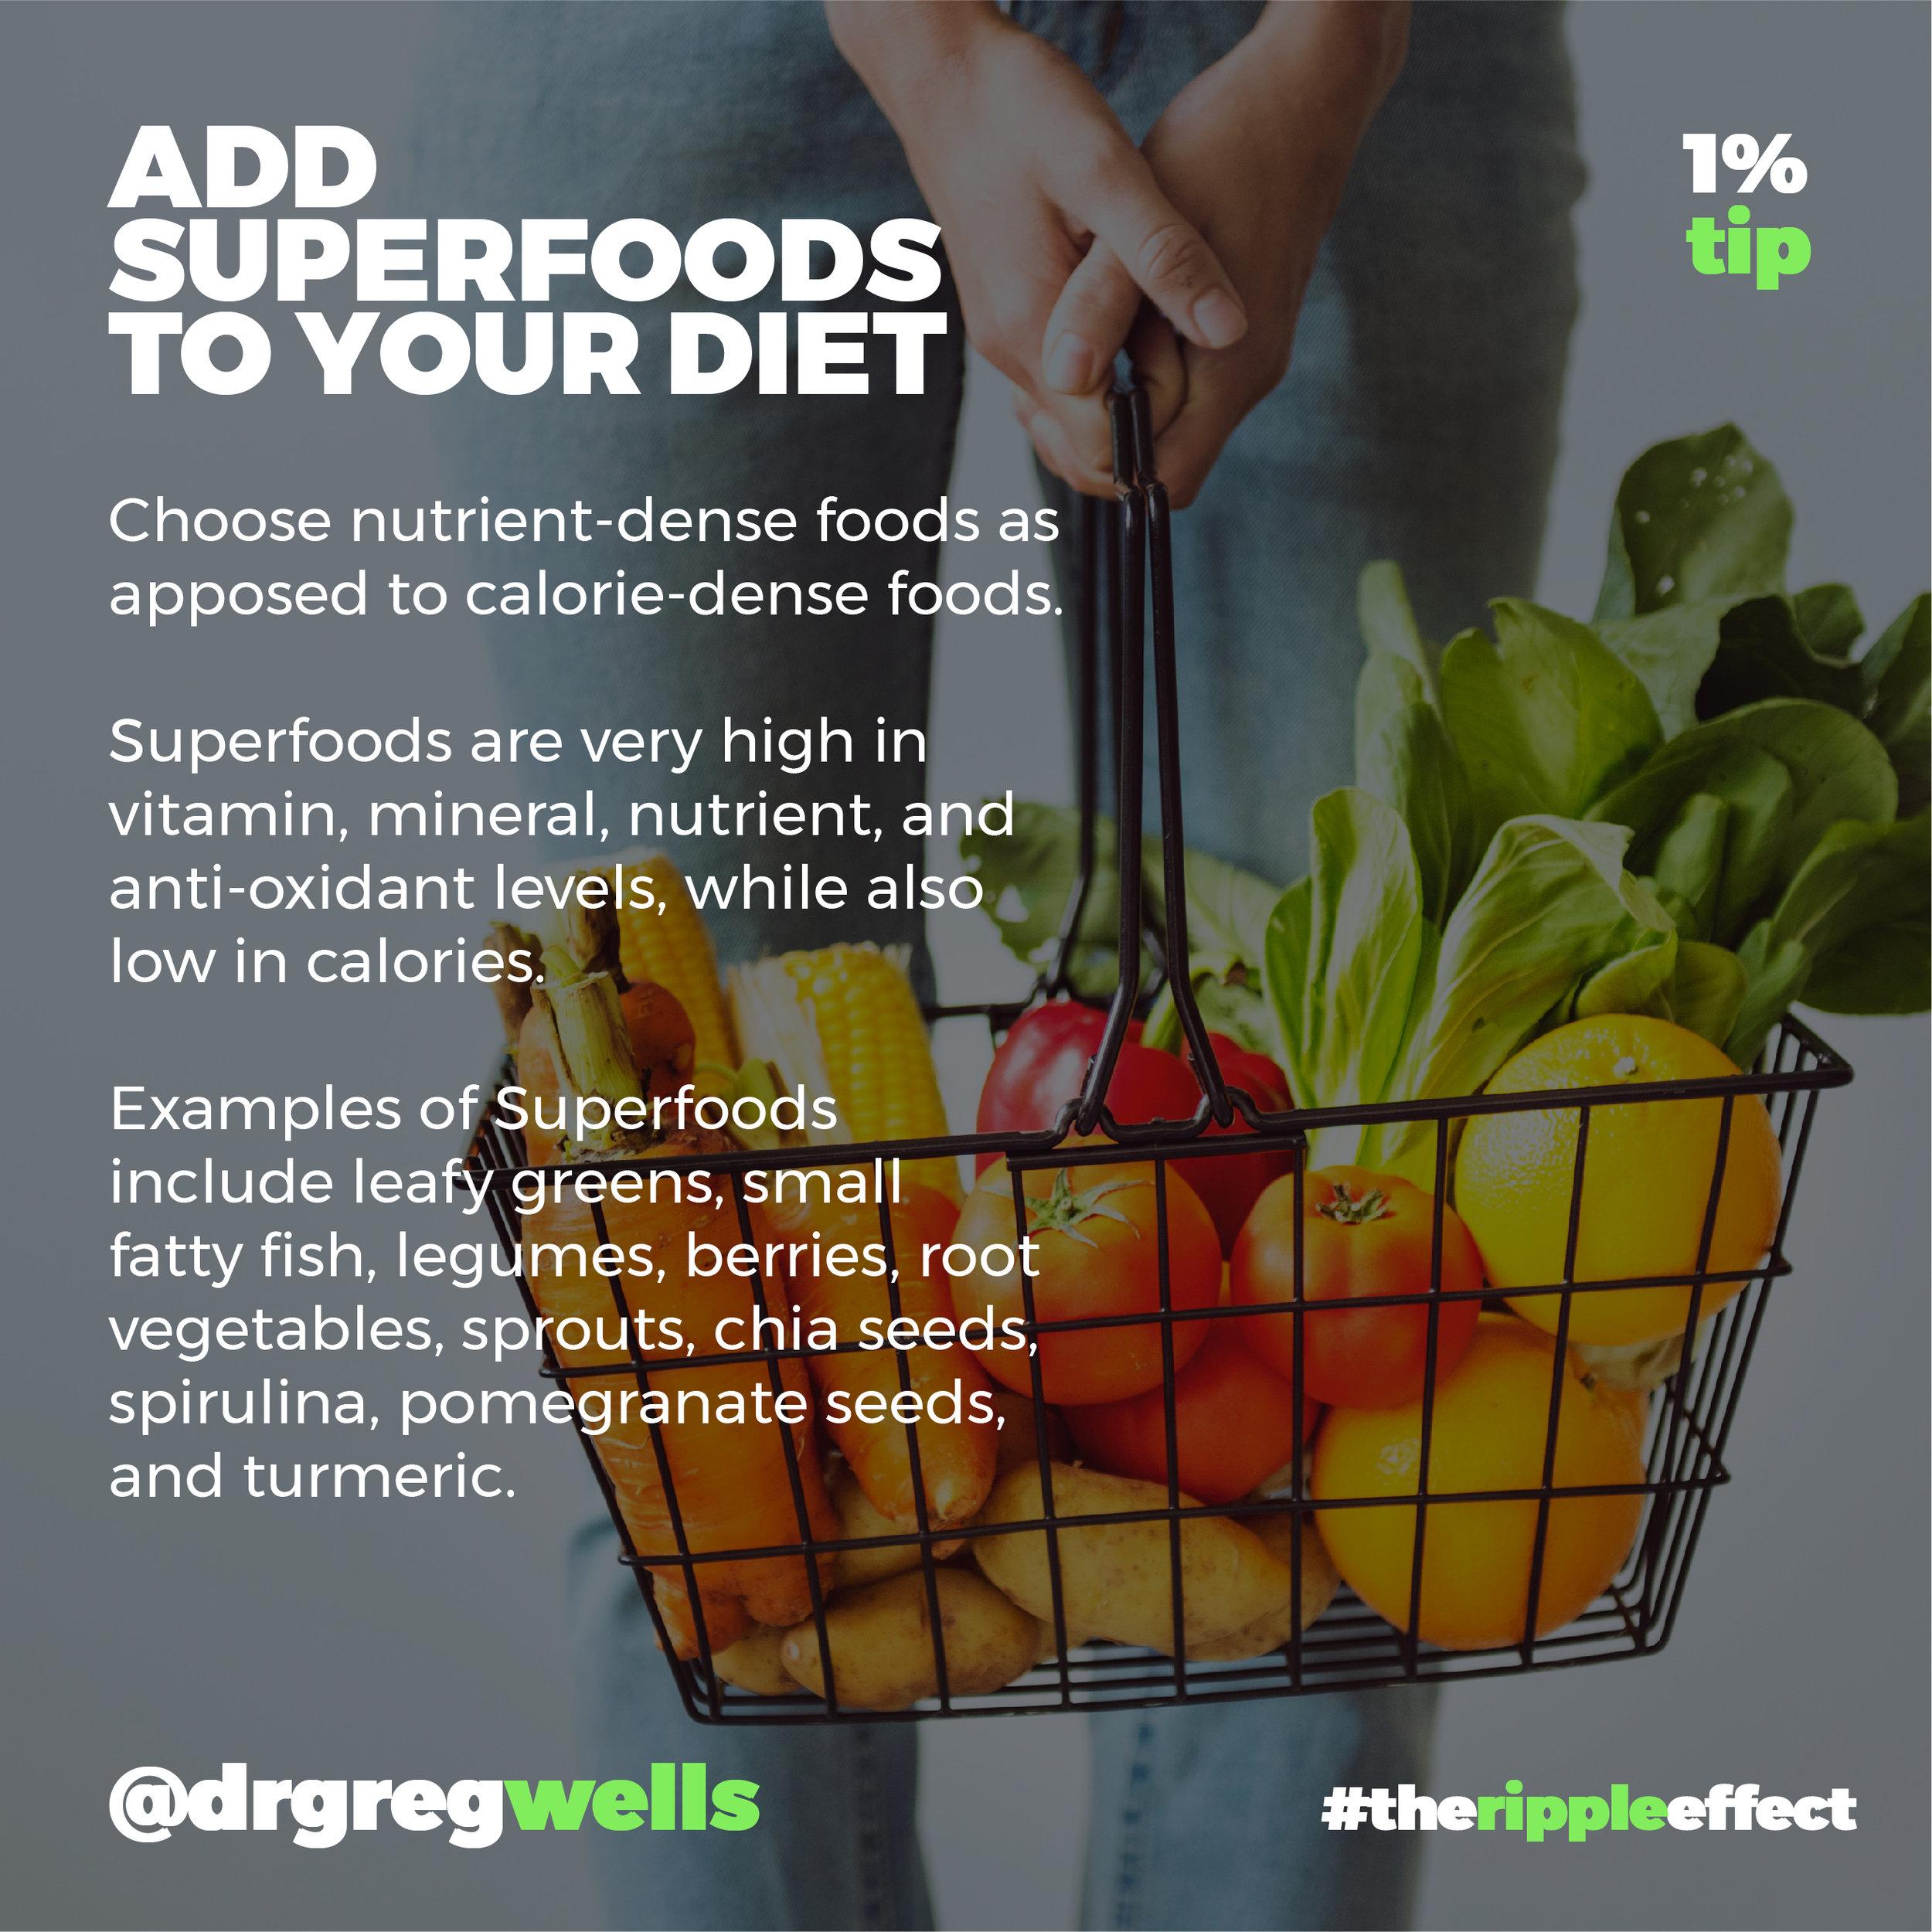 1% Tips Website eat tips 2019-11.jpg